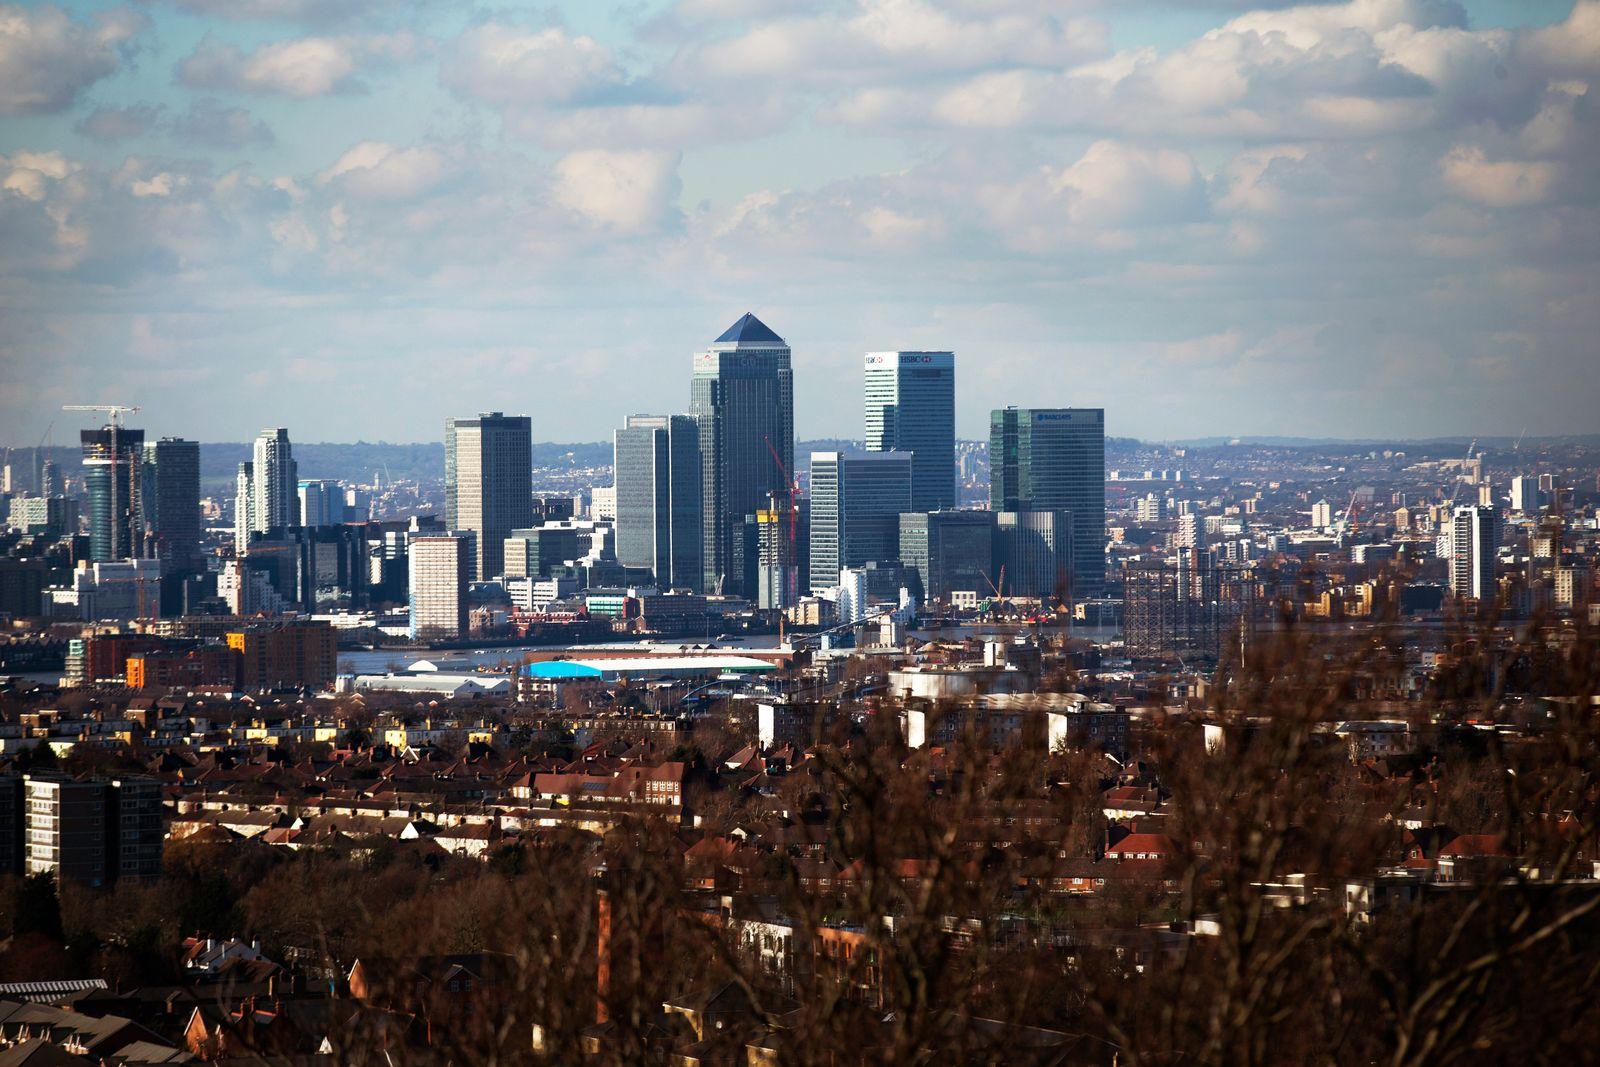 England / London / Banken / Bankenviertel / Konjunktur